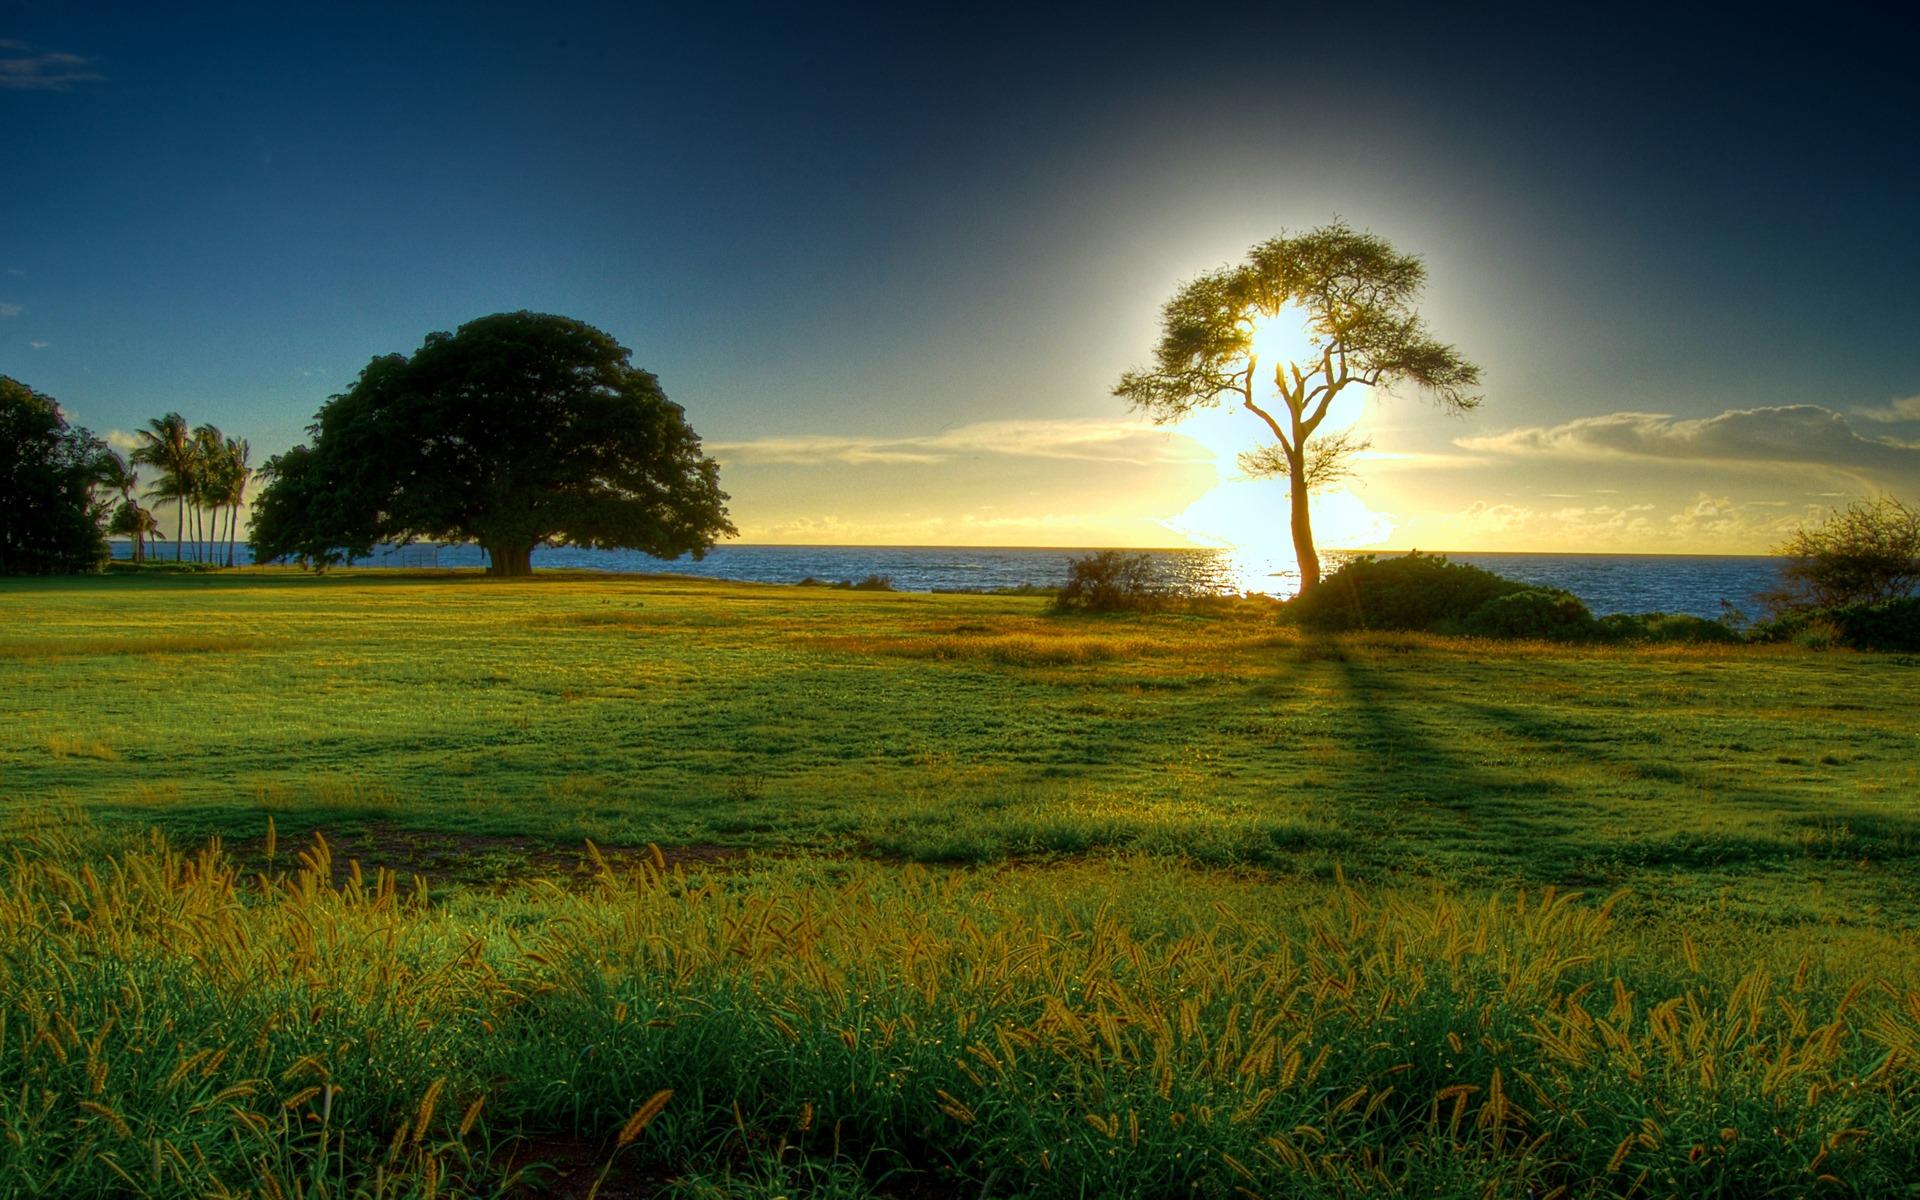 природа рассвет деревья  № 1158231 бесплатно